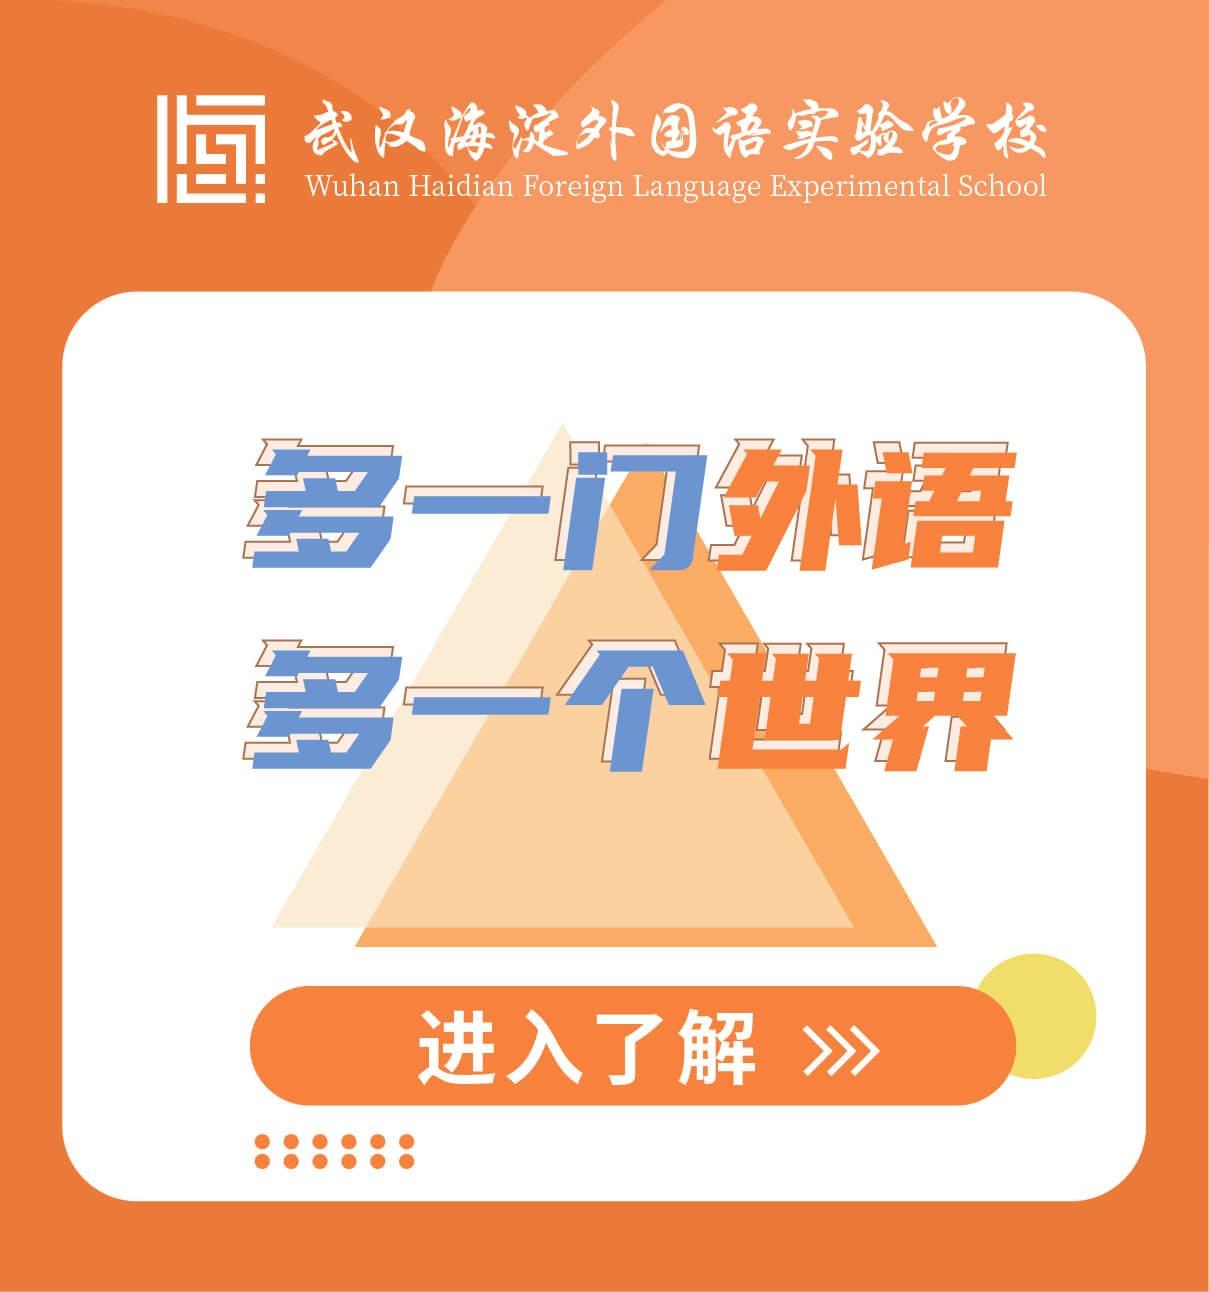 武汉海淀外国语实验学校图片